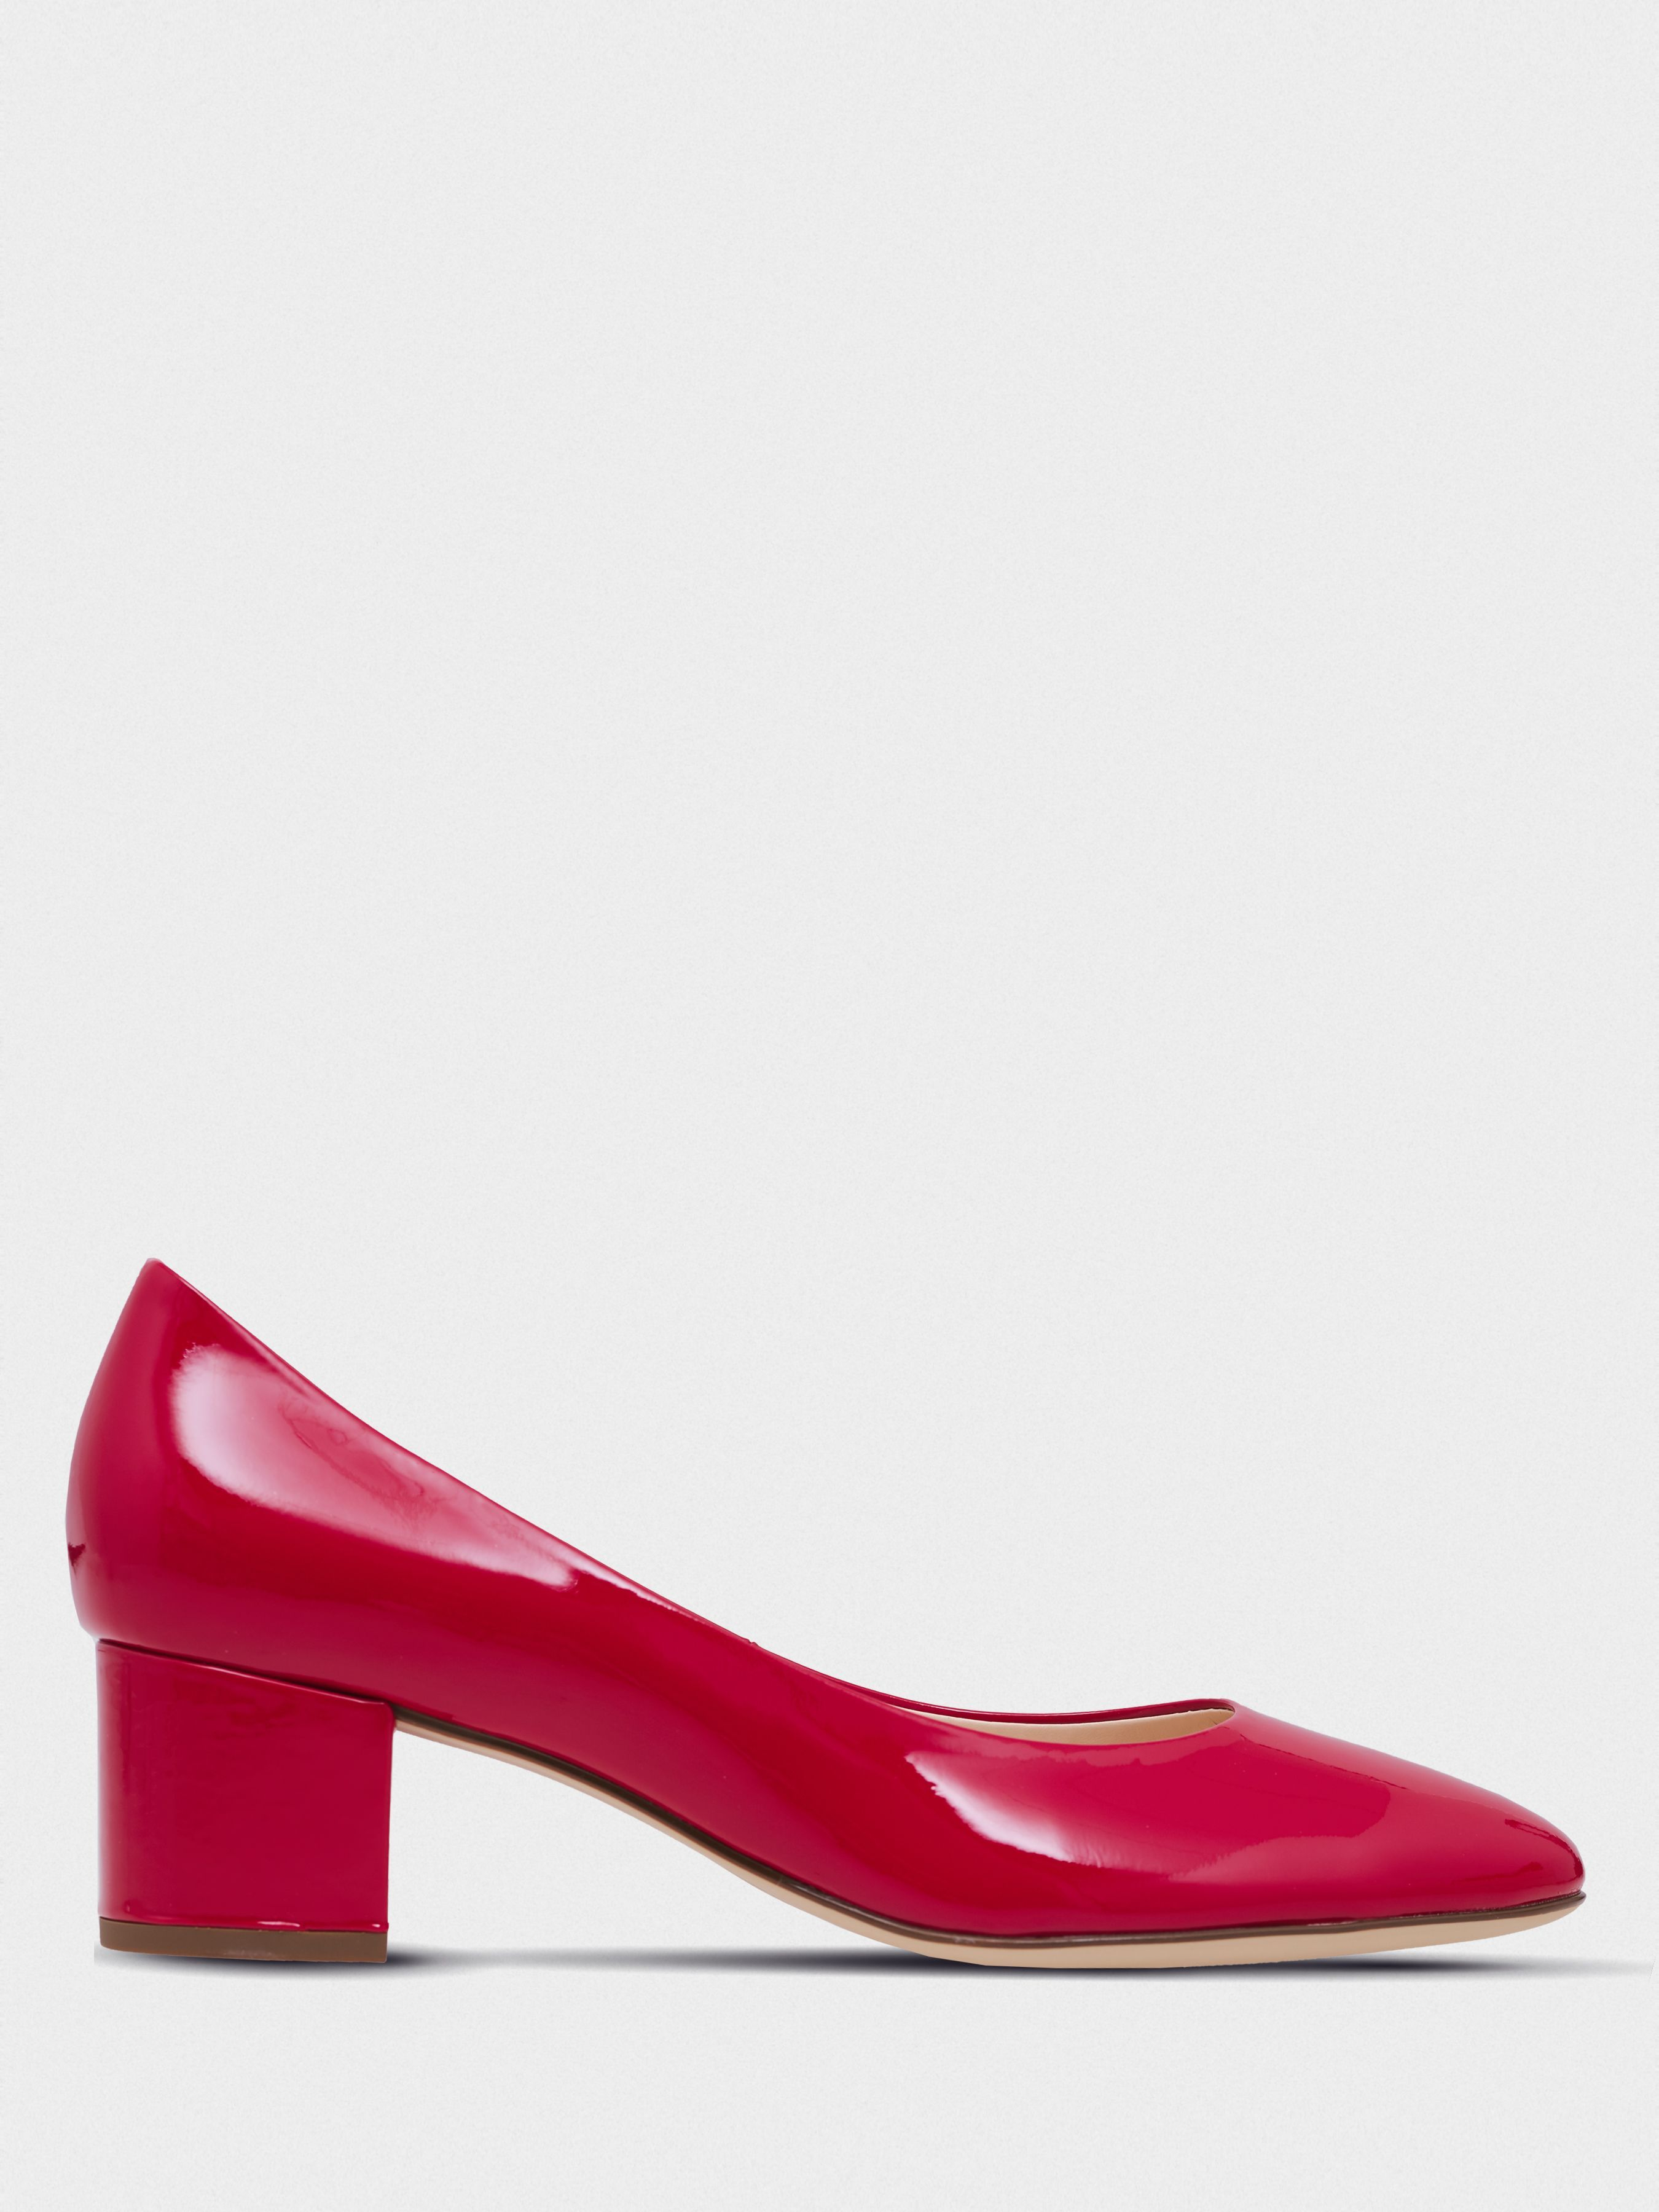 Купить Туфли женские Hogl STUDIO 40 YN4031, Красный